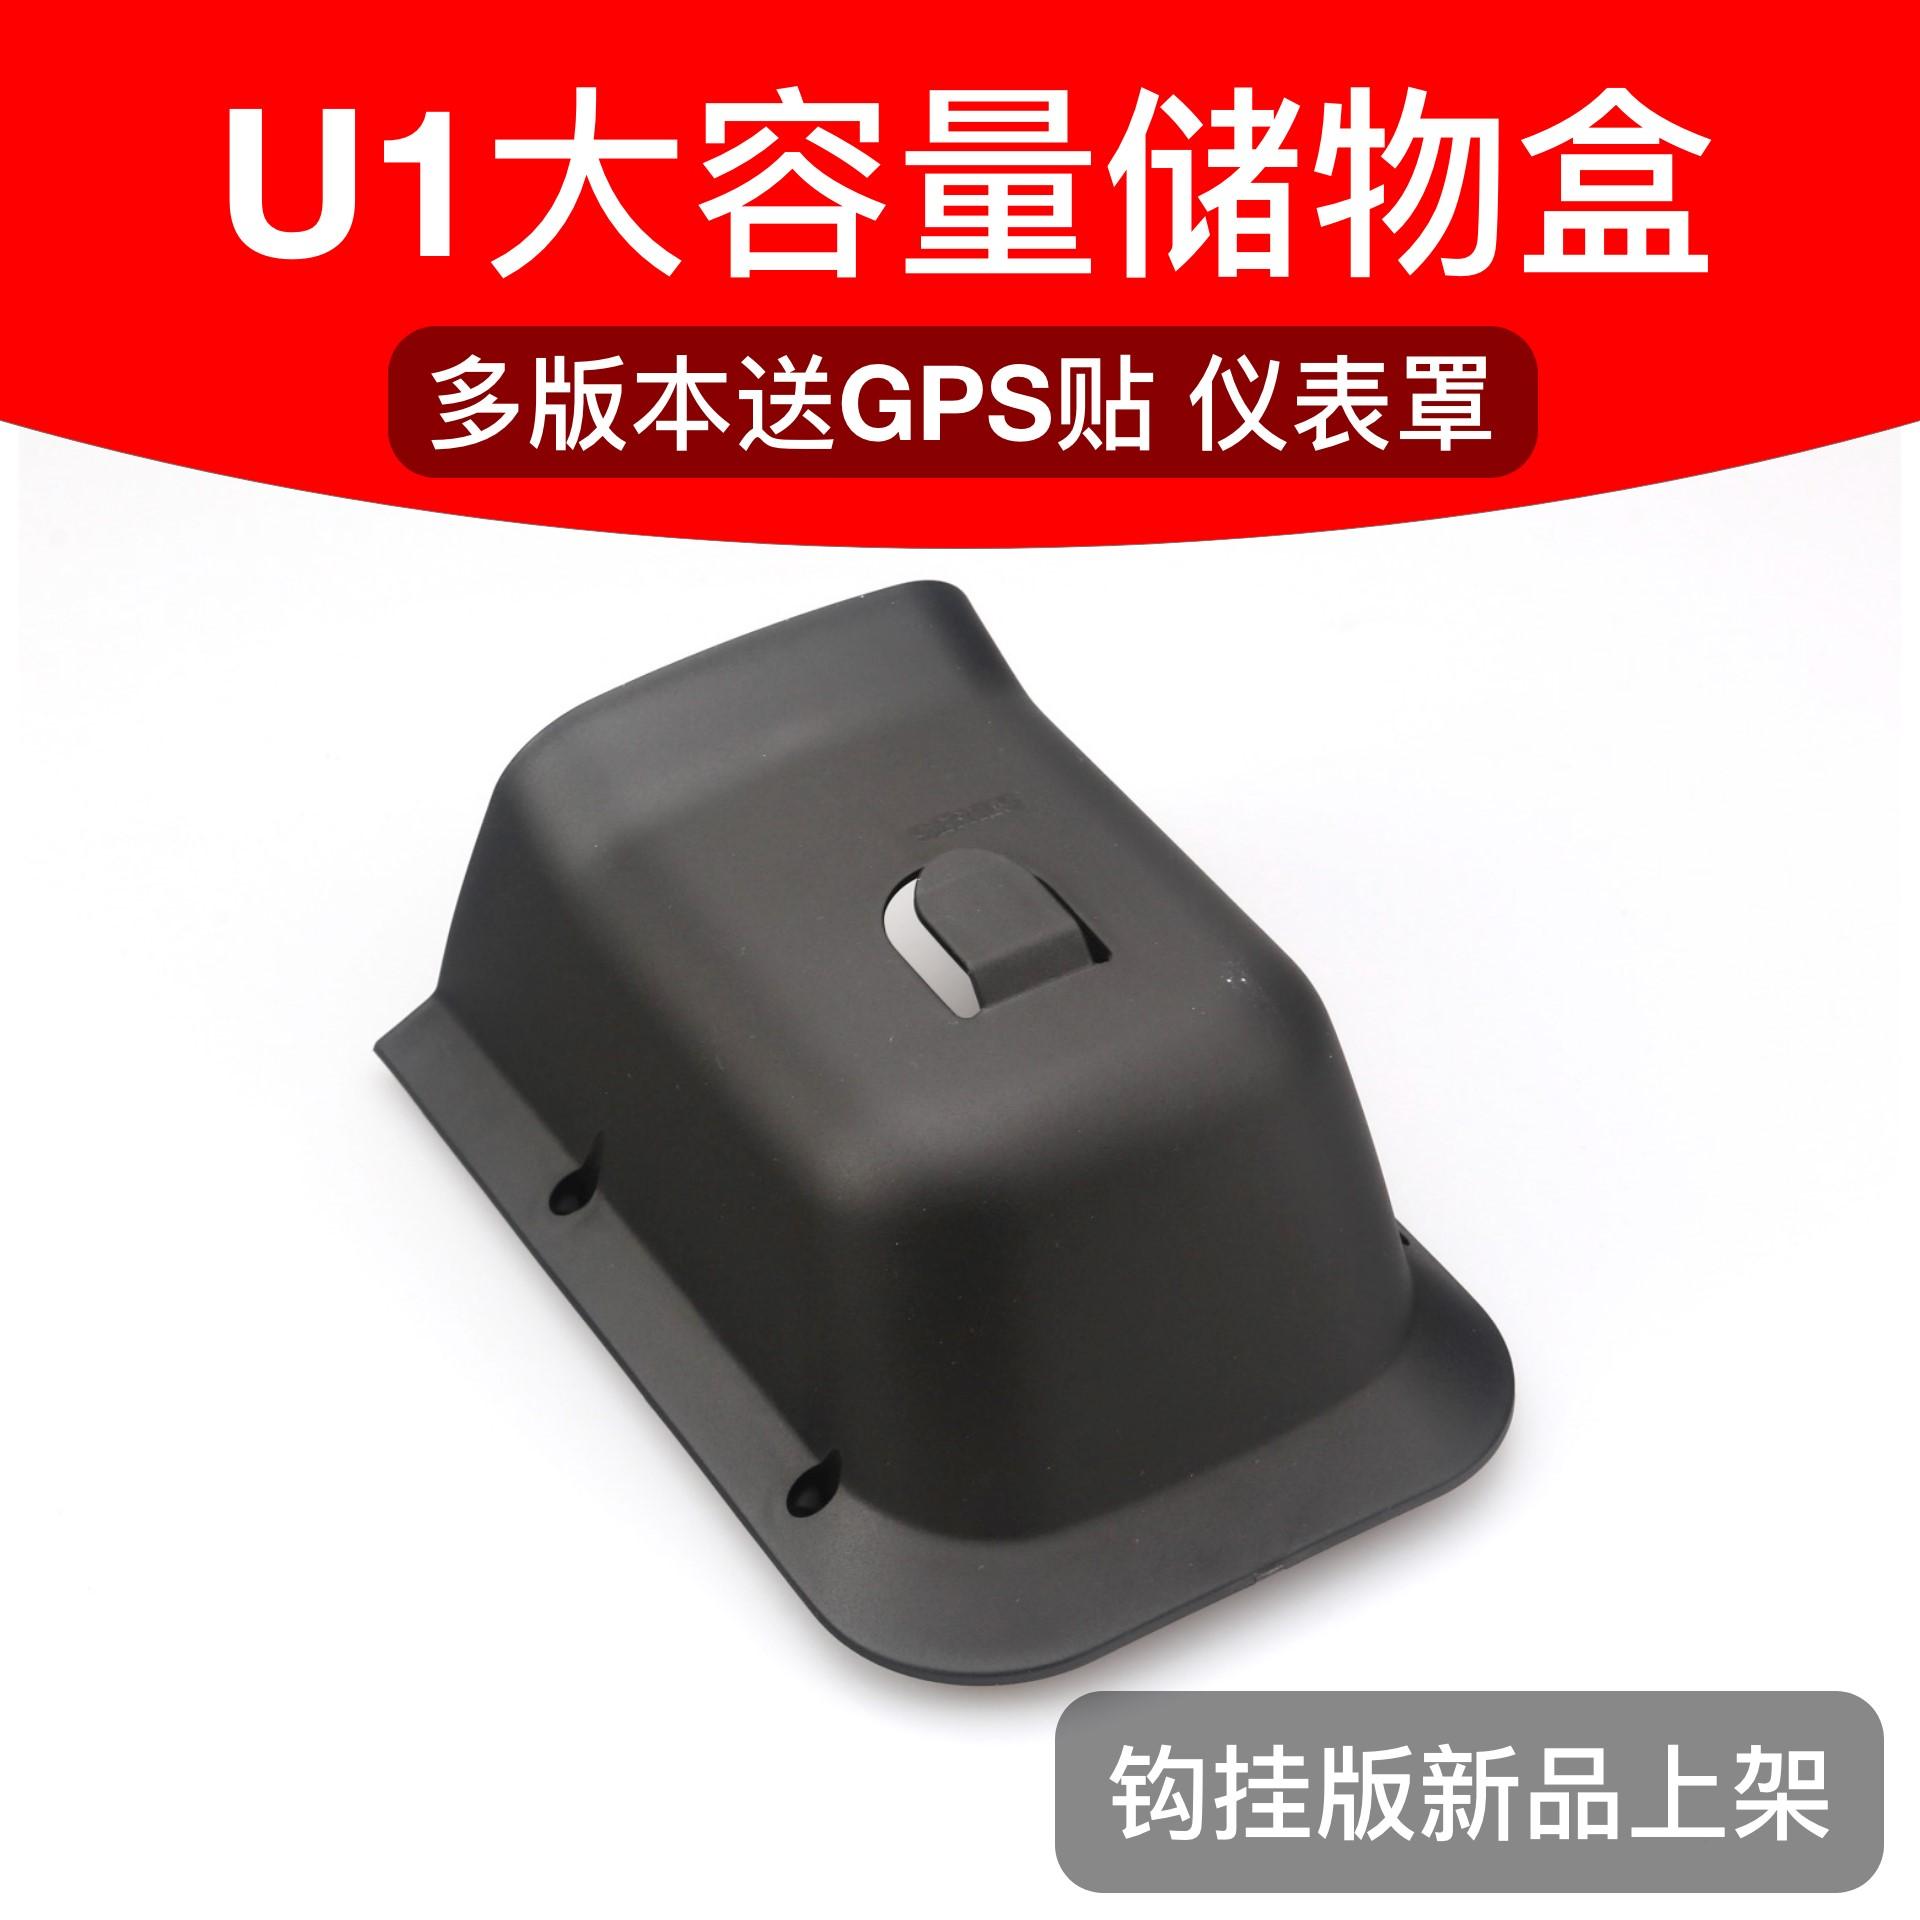 【冲锋小牛】u1电动车储物盒置物盒前置车载收车篮箱改装配件